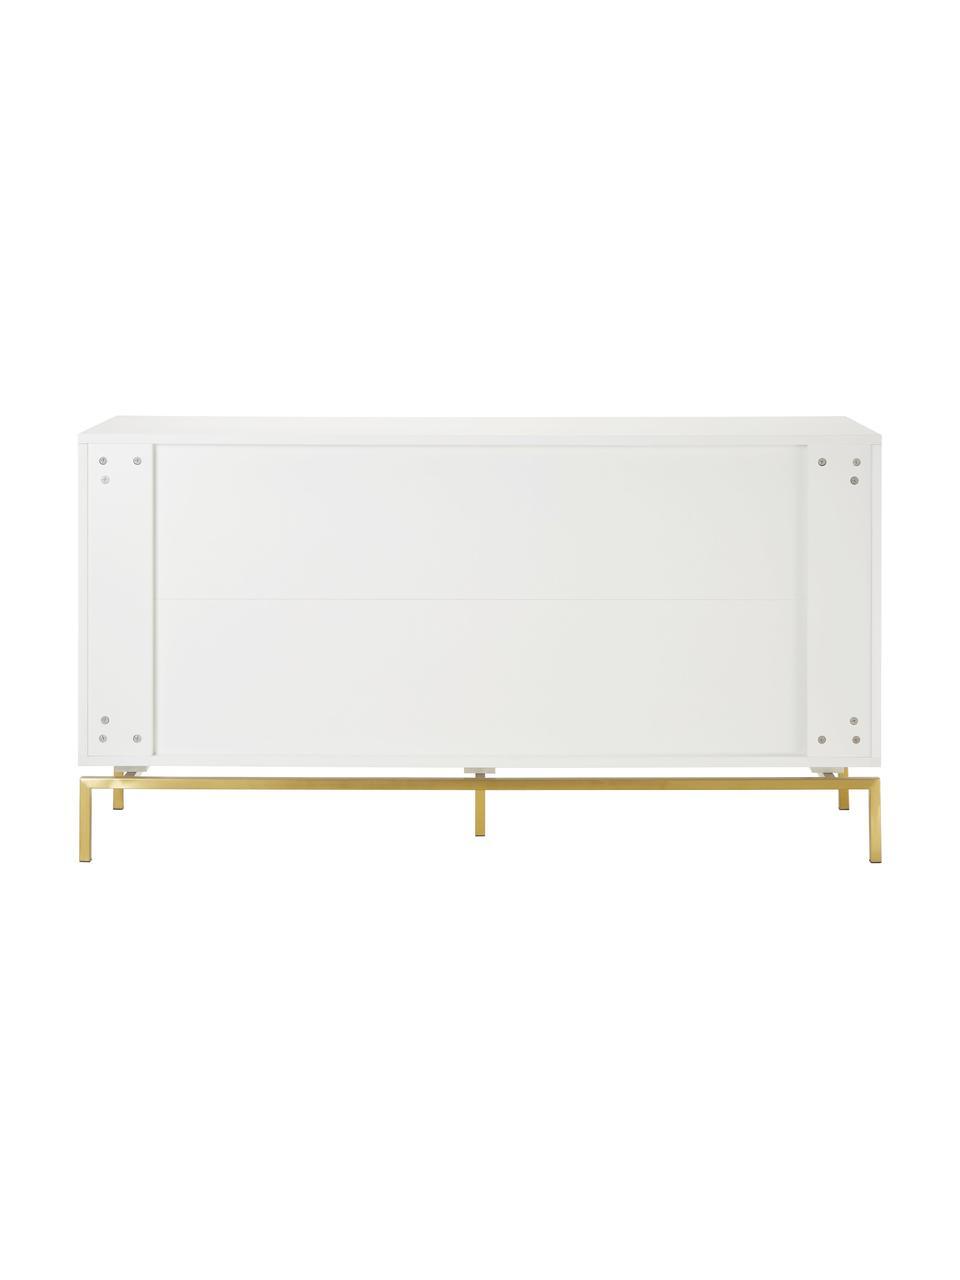 Sideboard Elegance in Weiß, Korpus: Mitteldichte Holzfaserpla, Weiß, 150 x 80 cm